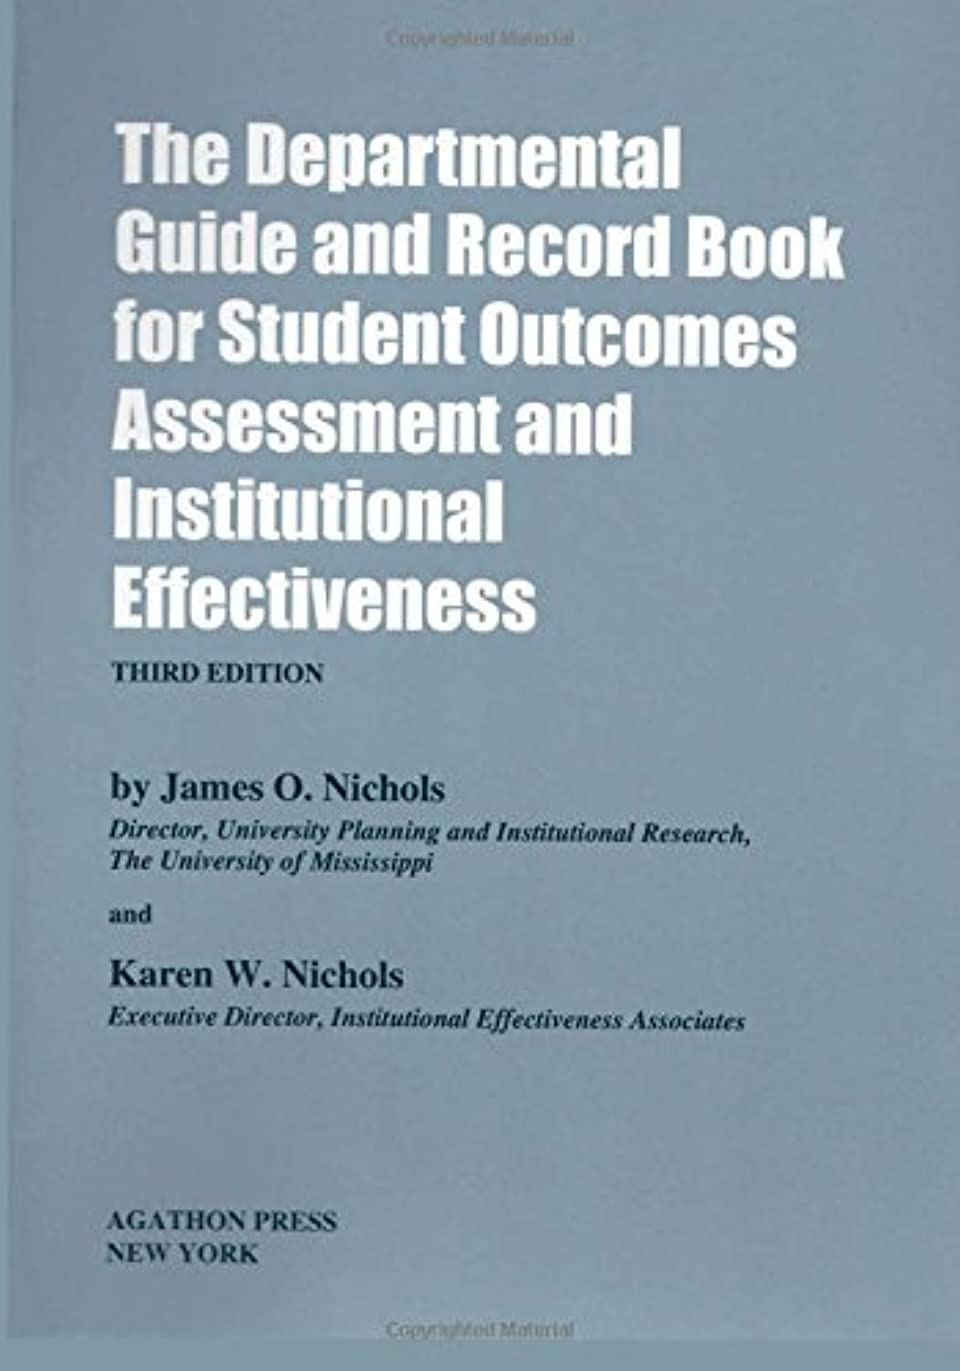 紳士気取りの、きざな啓発する合成The Departmental Guide and Record Book for Student Outcomes Assessment and Institutional Effectiveness